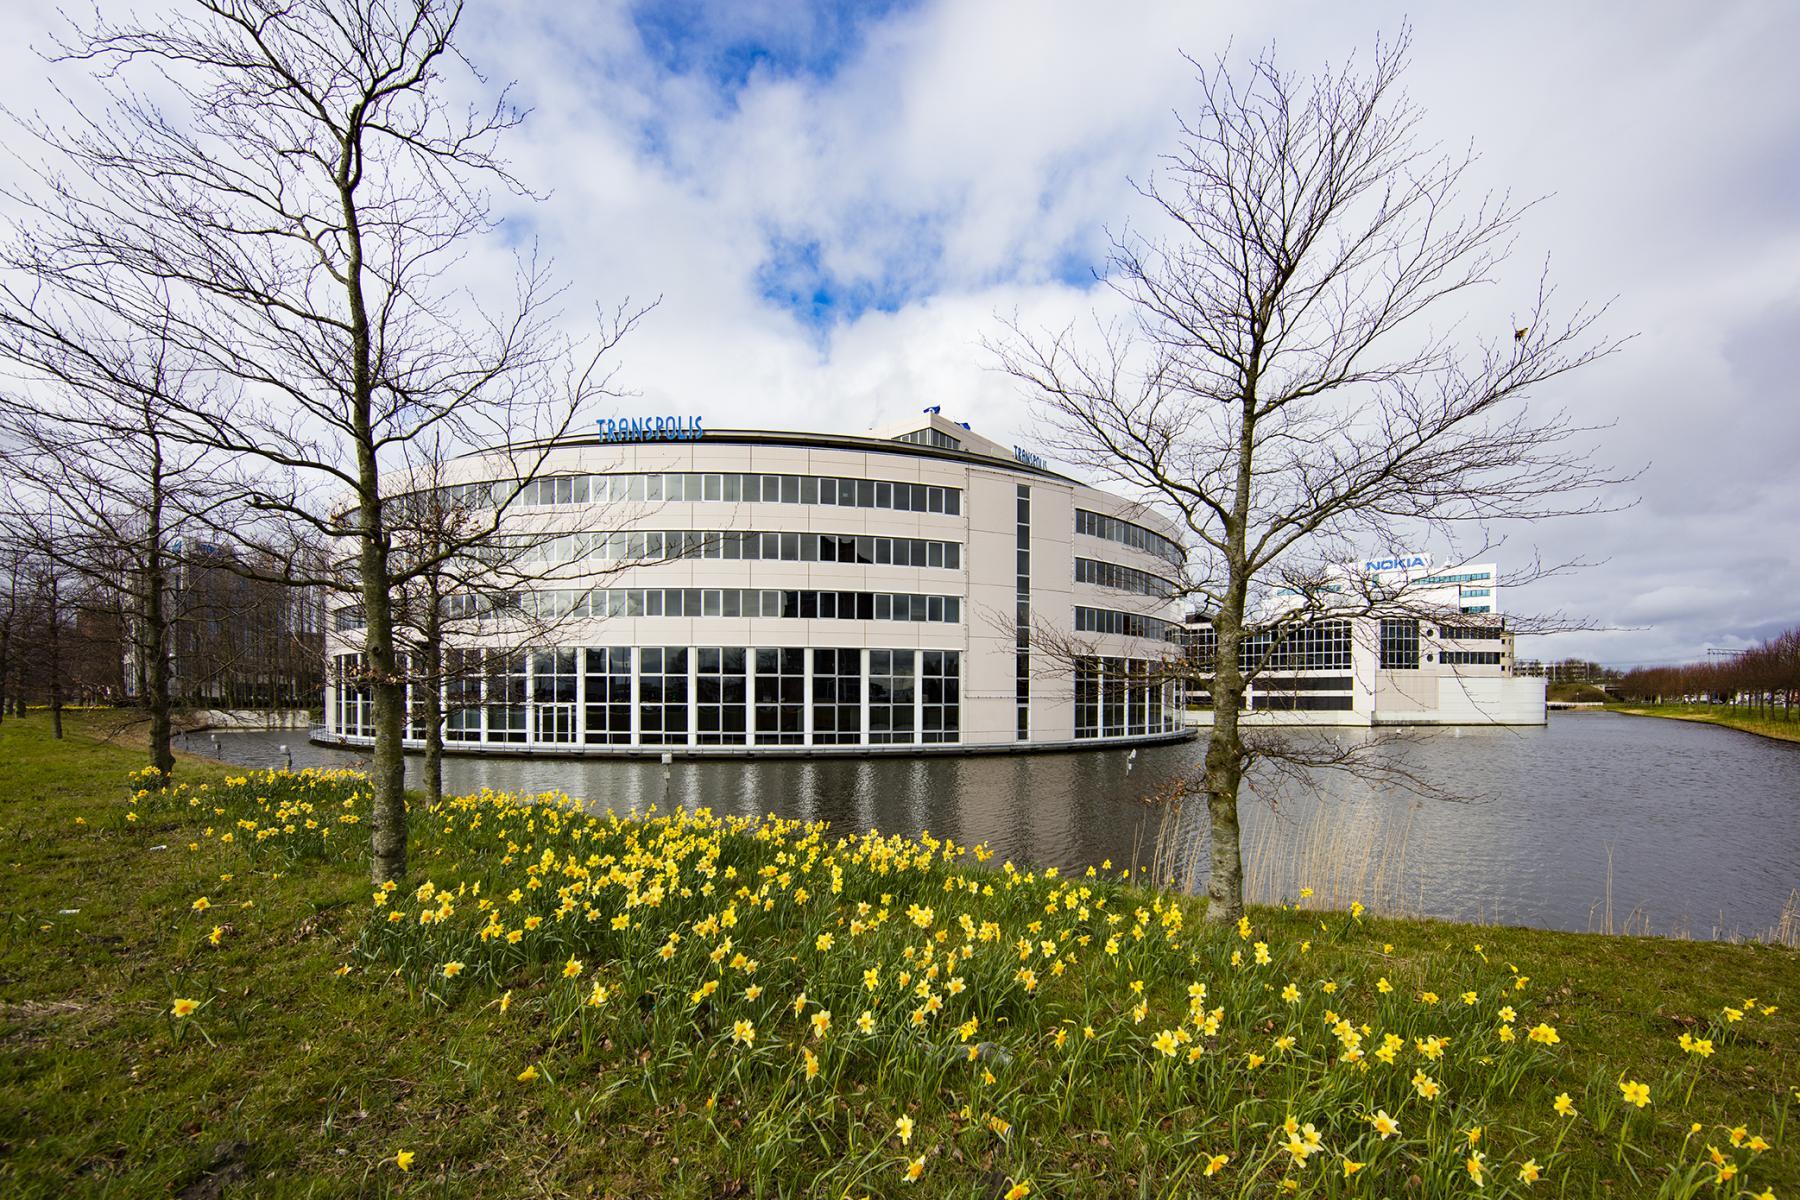 buitenzijde kantoorgebouw water omgeving groen amsterdam hoofddorp polarisavenue